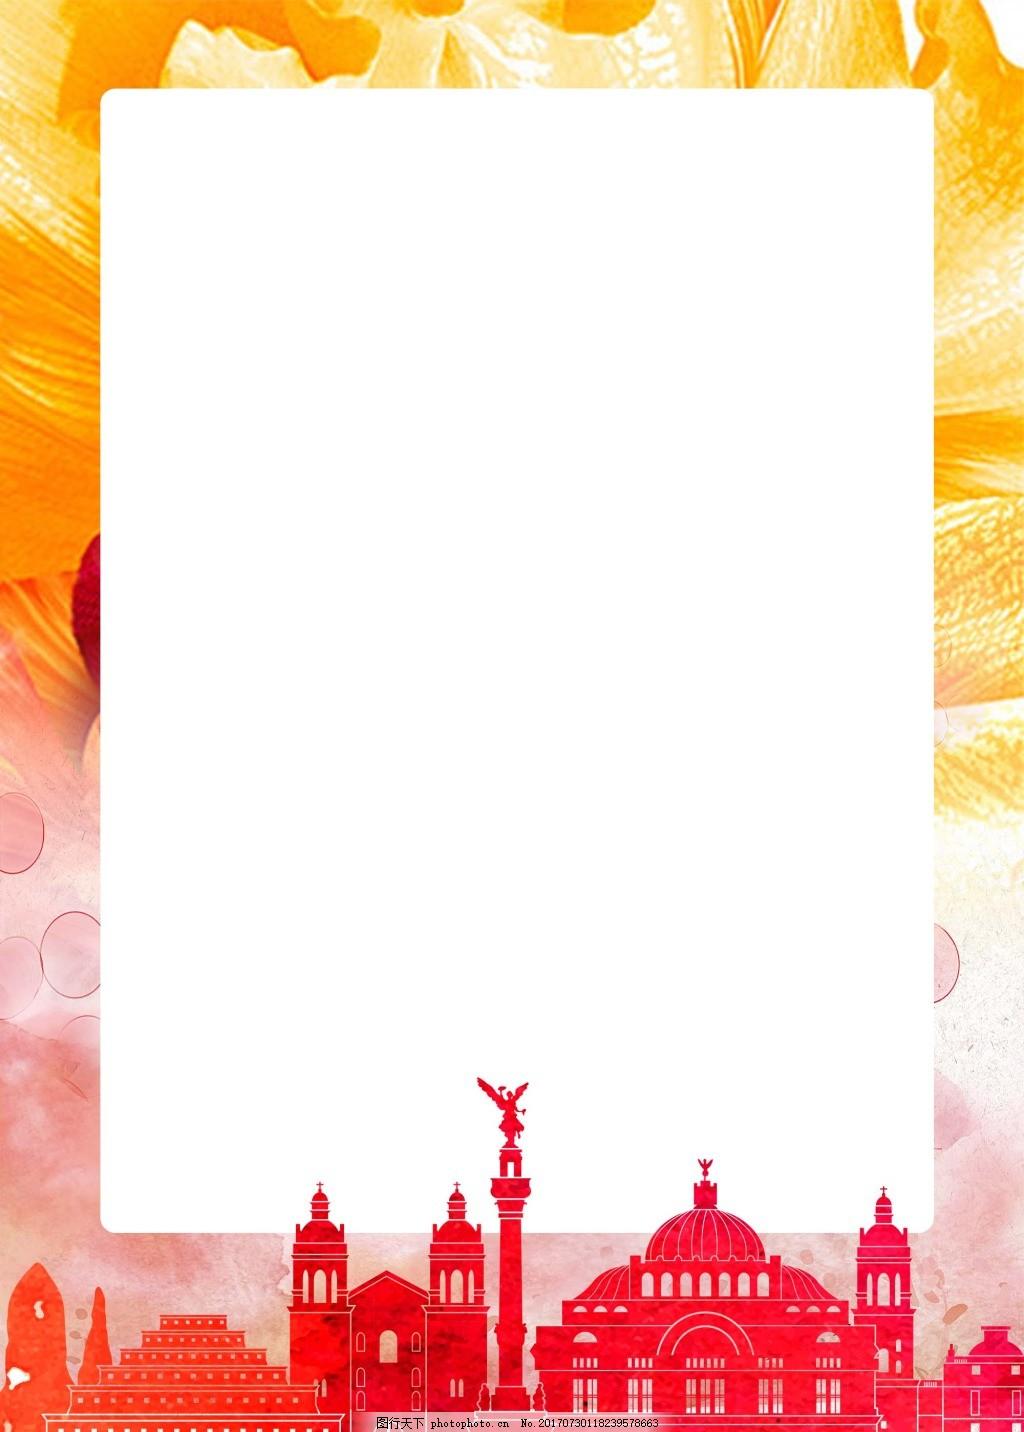 手绘红色建筑边框背景 黄色渐变 花朵 海报 异国风情 旅游